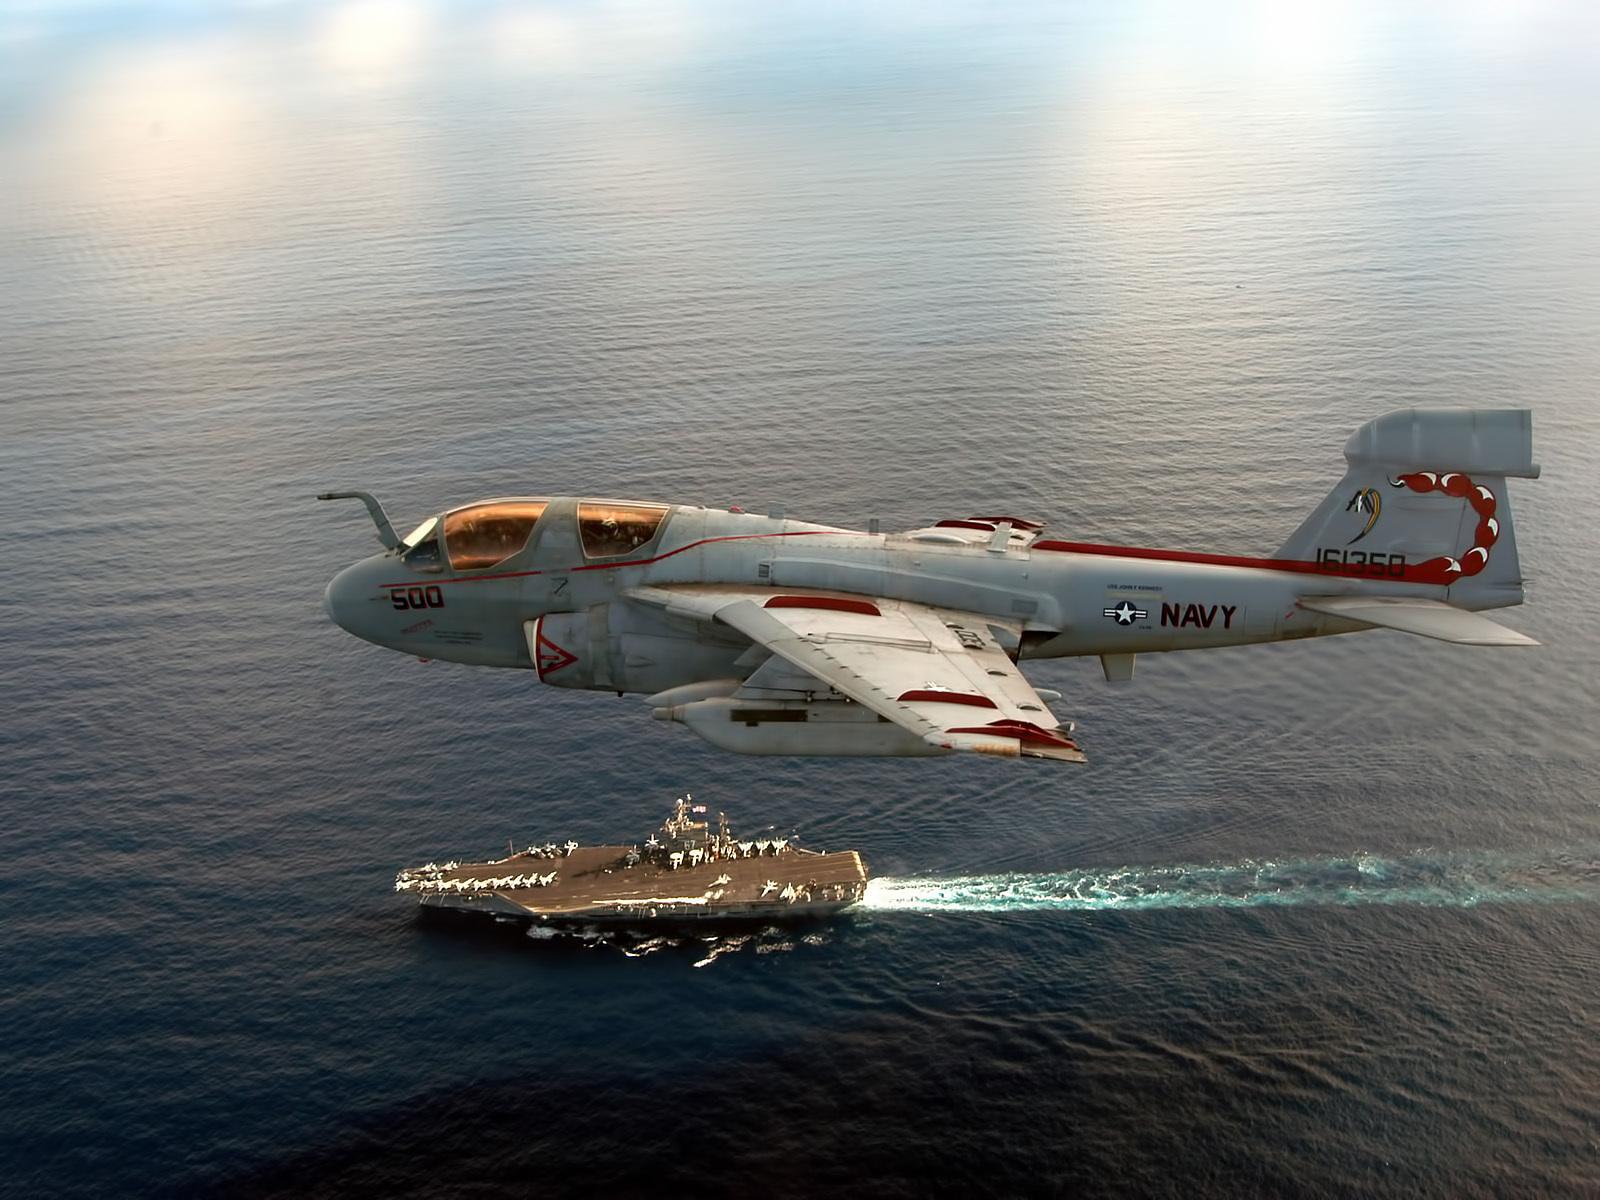 20282 скачать обои Транспорт, Корабли, Море, Самолеты, Оружие - заставки и картинки бесплатно